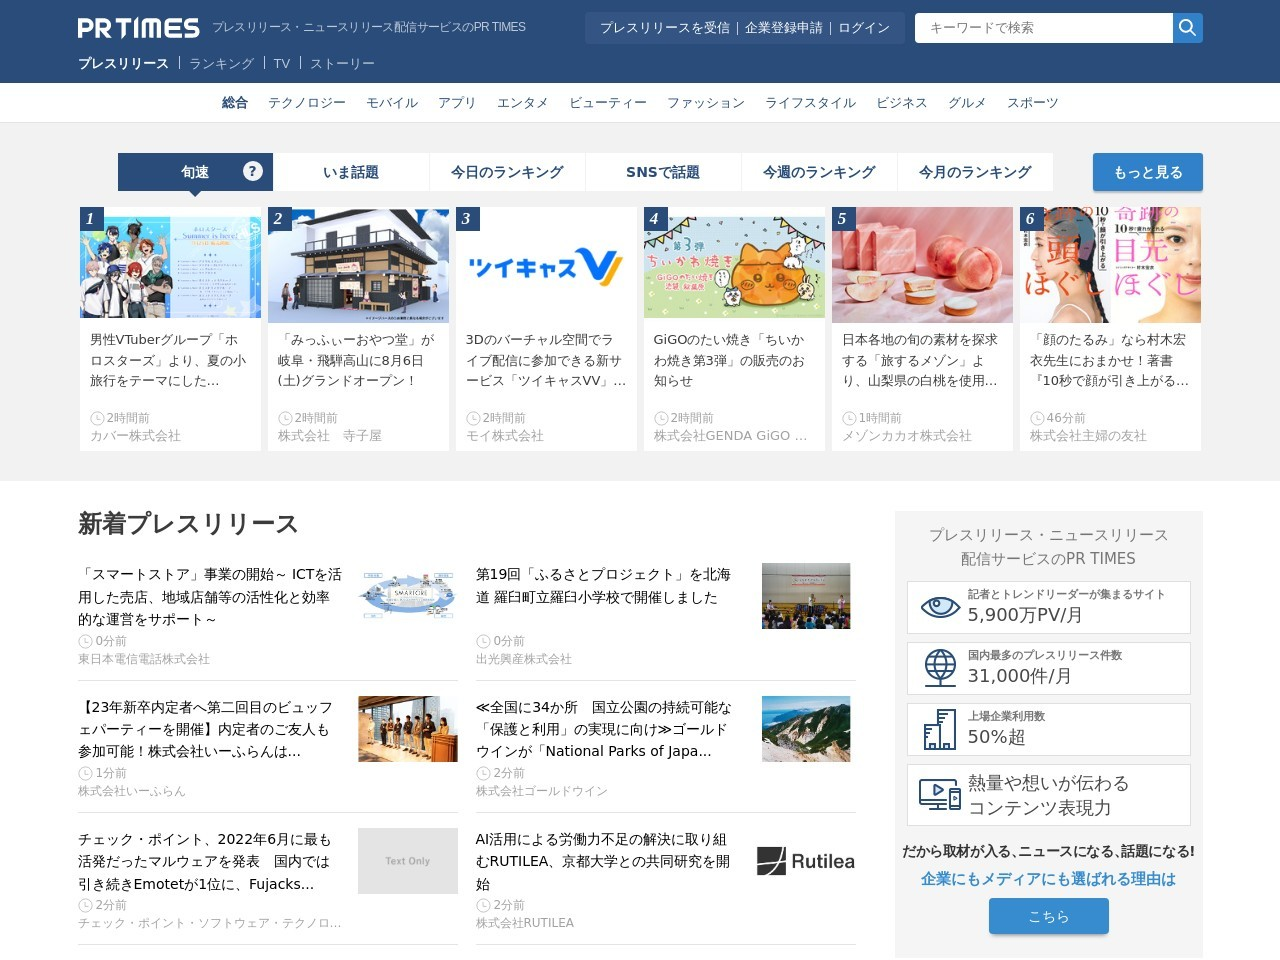 企業口コミサイトキャリコネ「マスコミ業界の残業が少ない企業ランキング」を発表